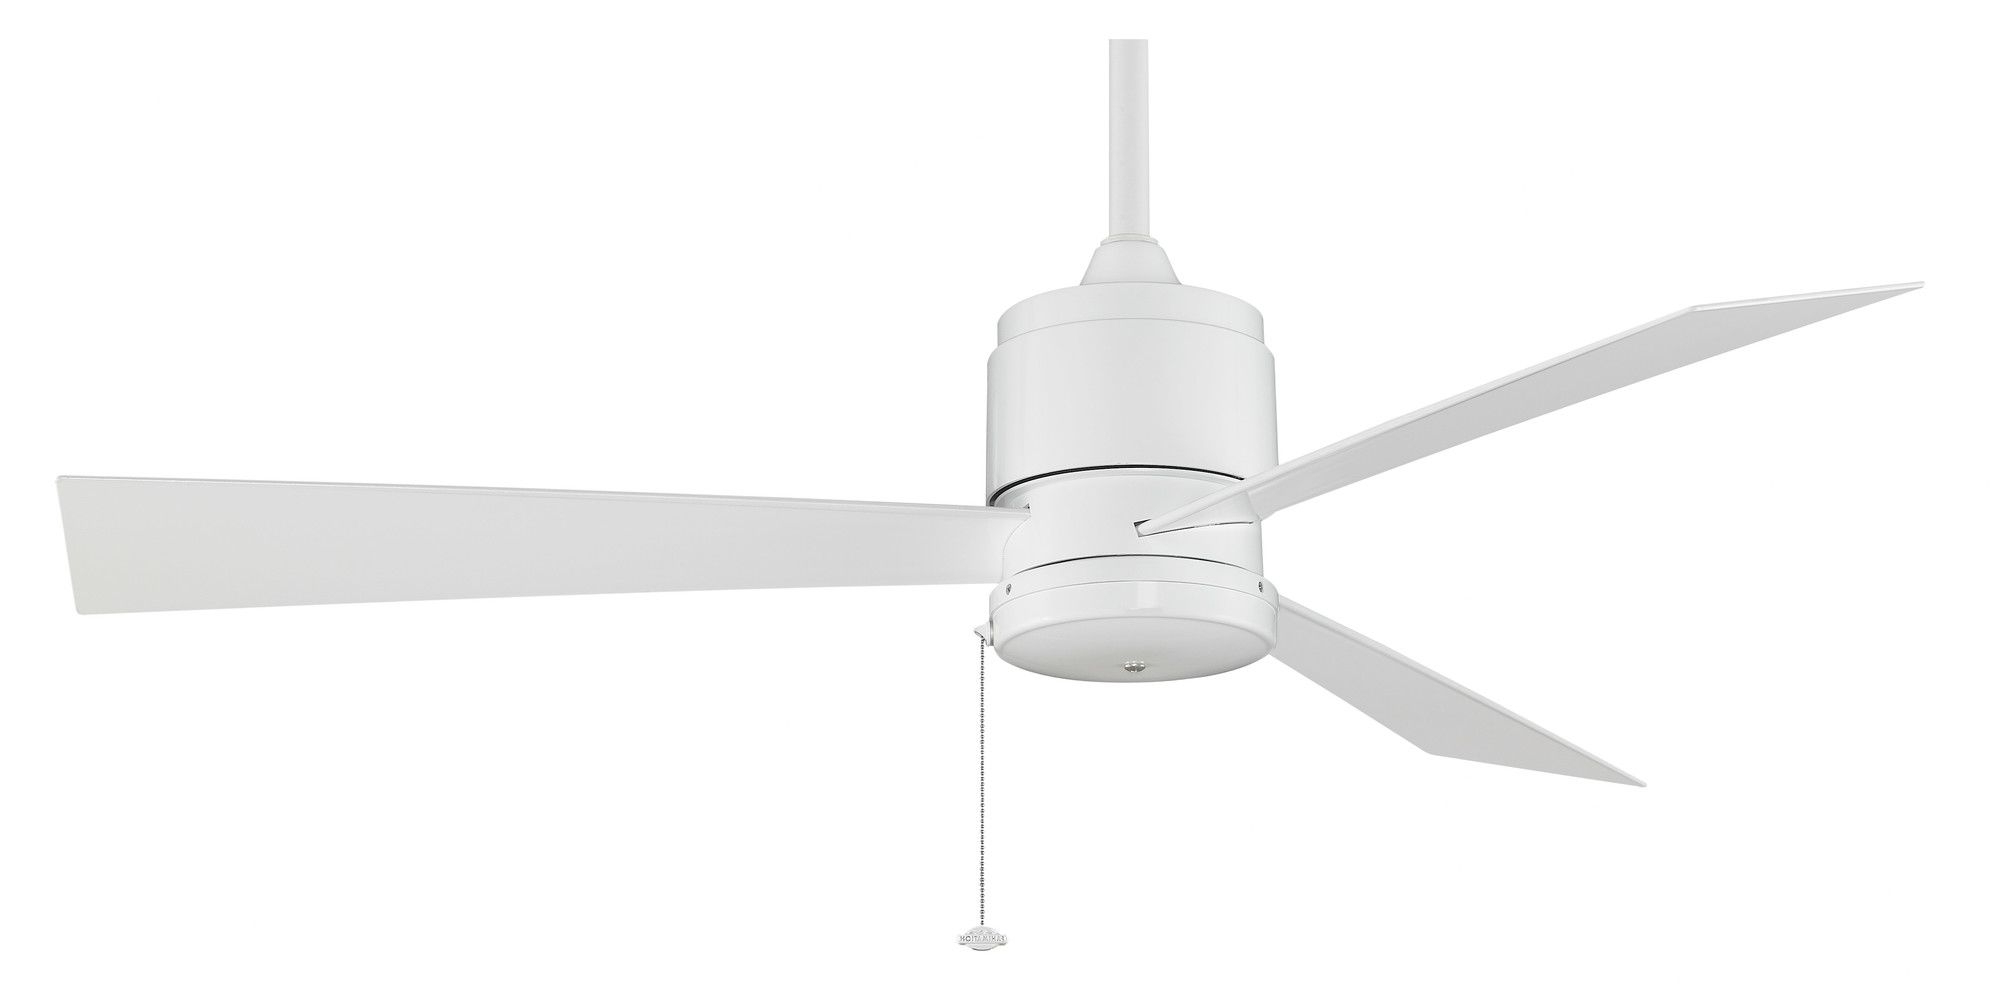 Ceiling Fan Regarding Zonix 3 Blade Ceiling Fans (View 1 of 20)